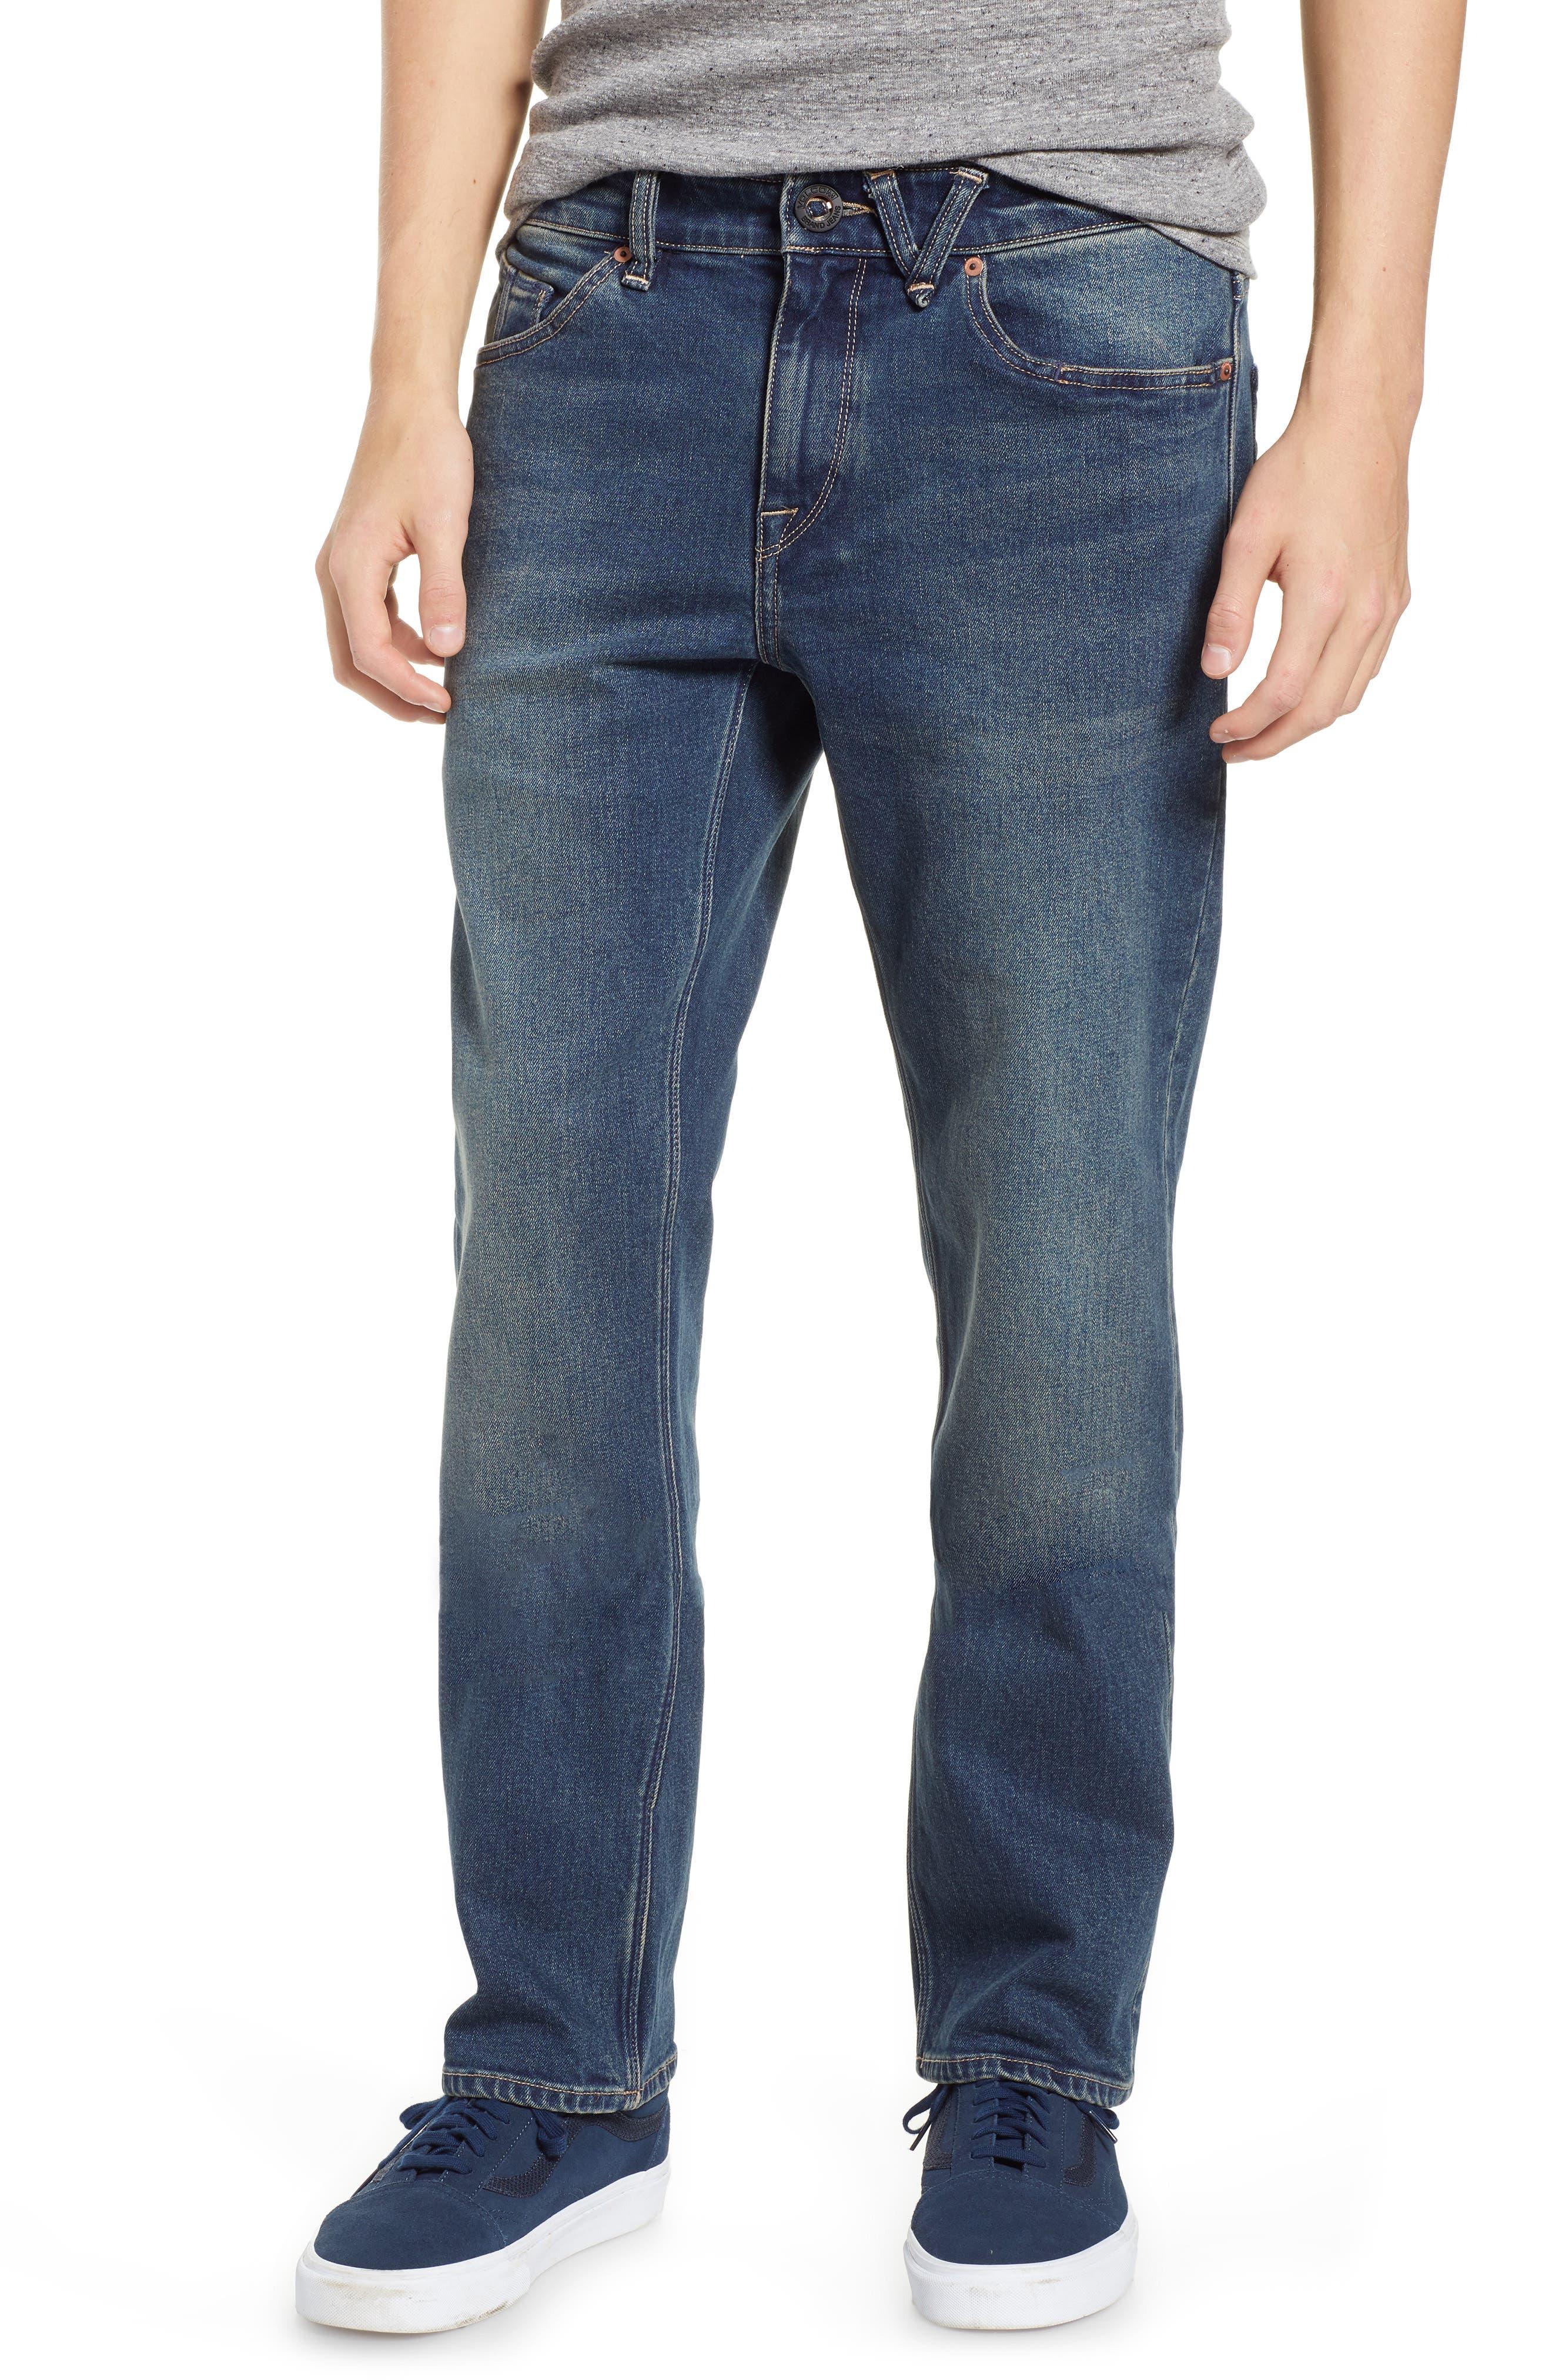 Solver Denim Pants,                         Main,                         color, 467